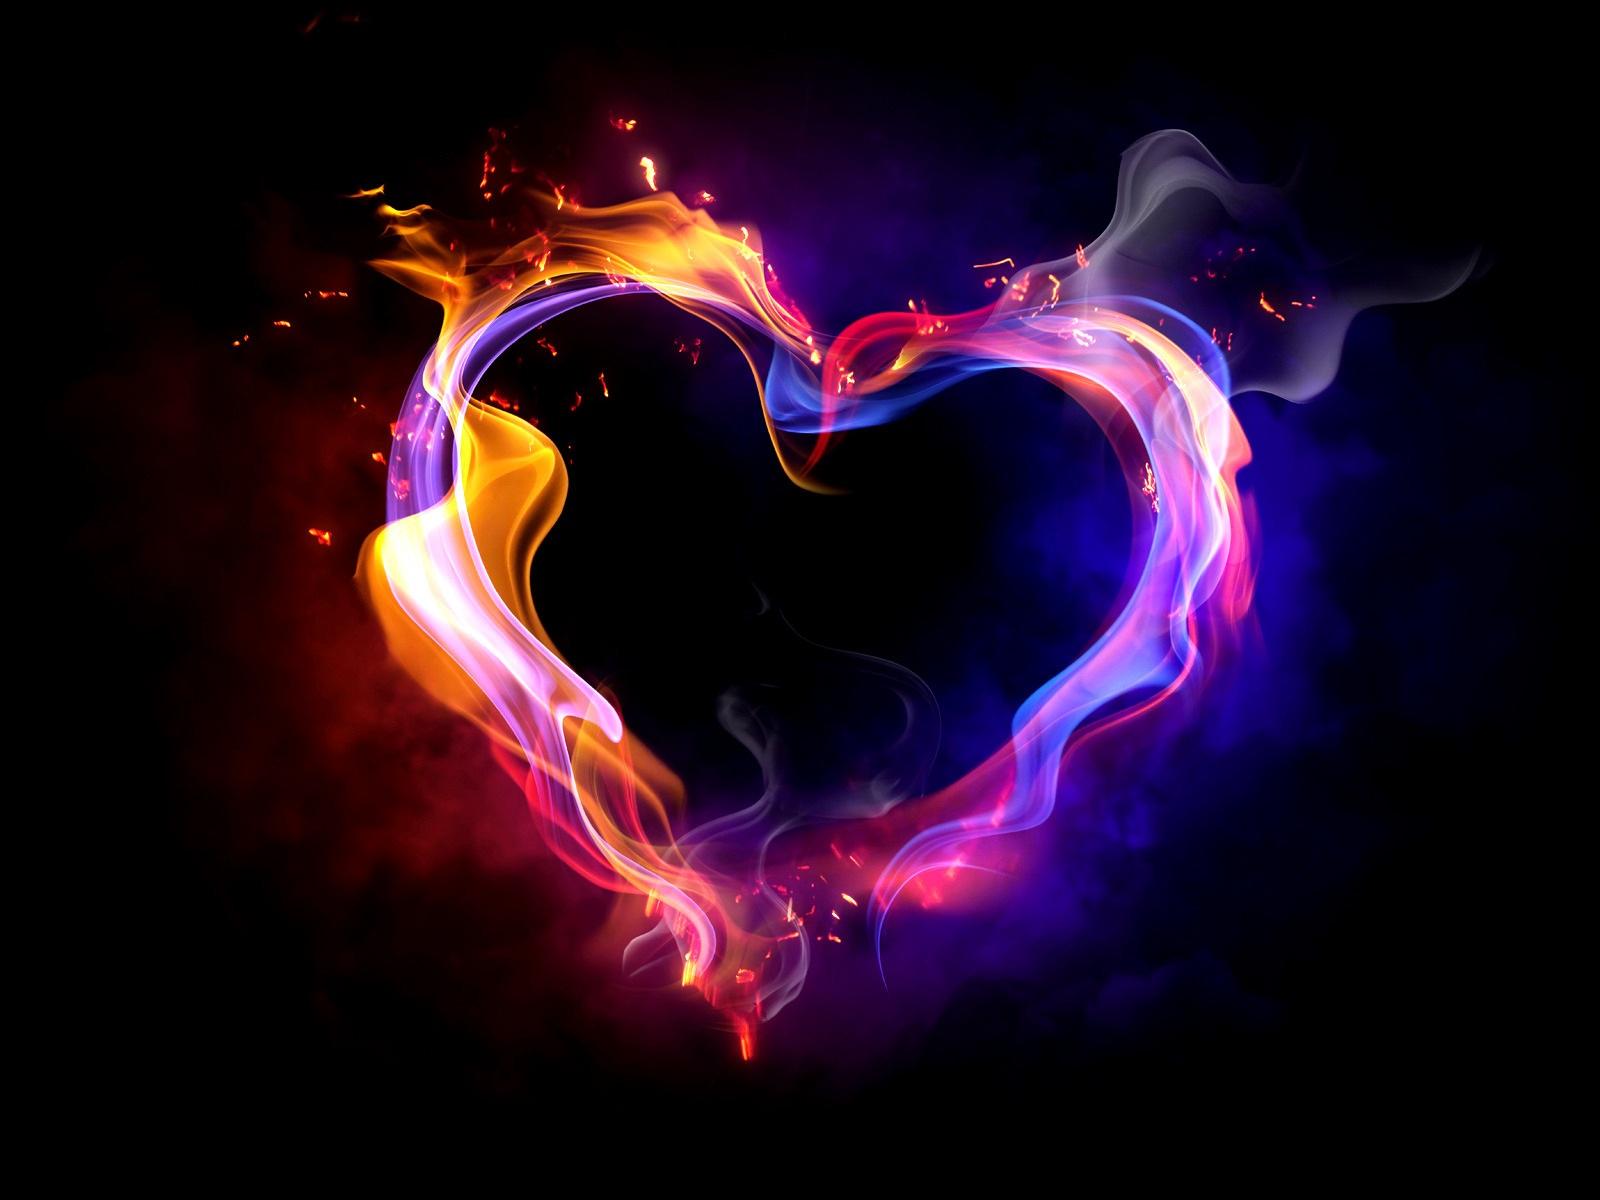 l amour du c ur le feu plusieurs fum e color e fonds d